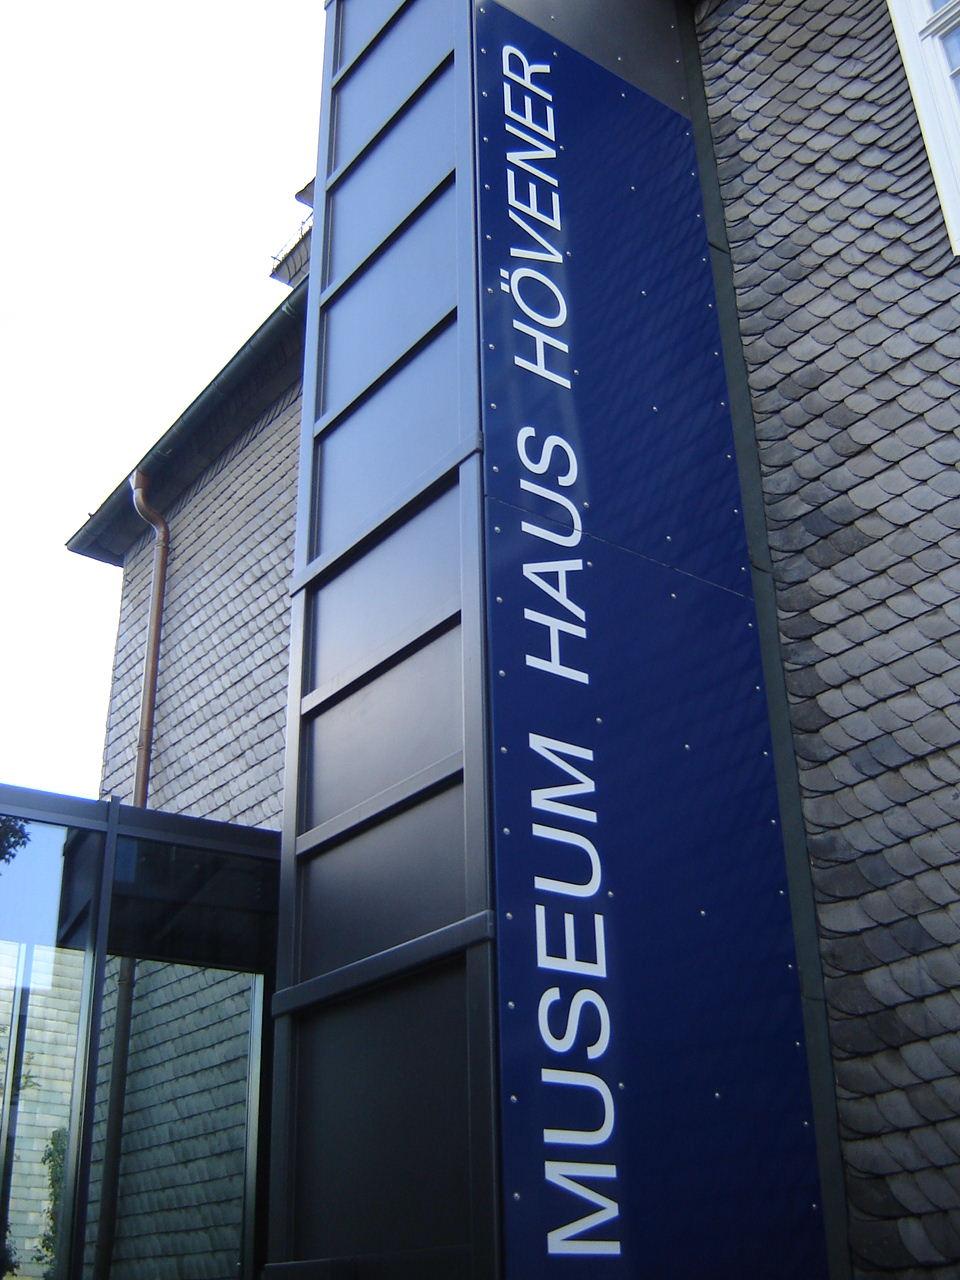 Die Außenfläche des Außenaufzugs dient zur Werbung für ein Museum